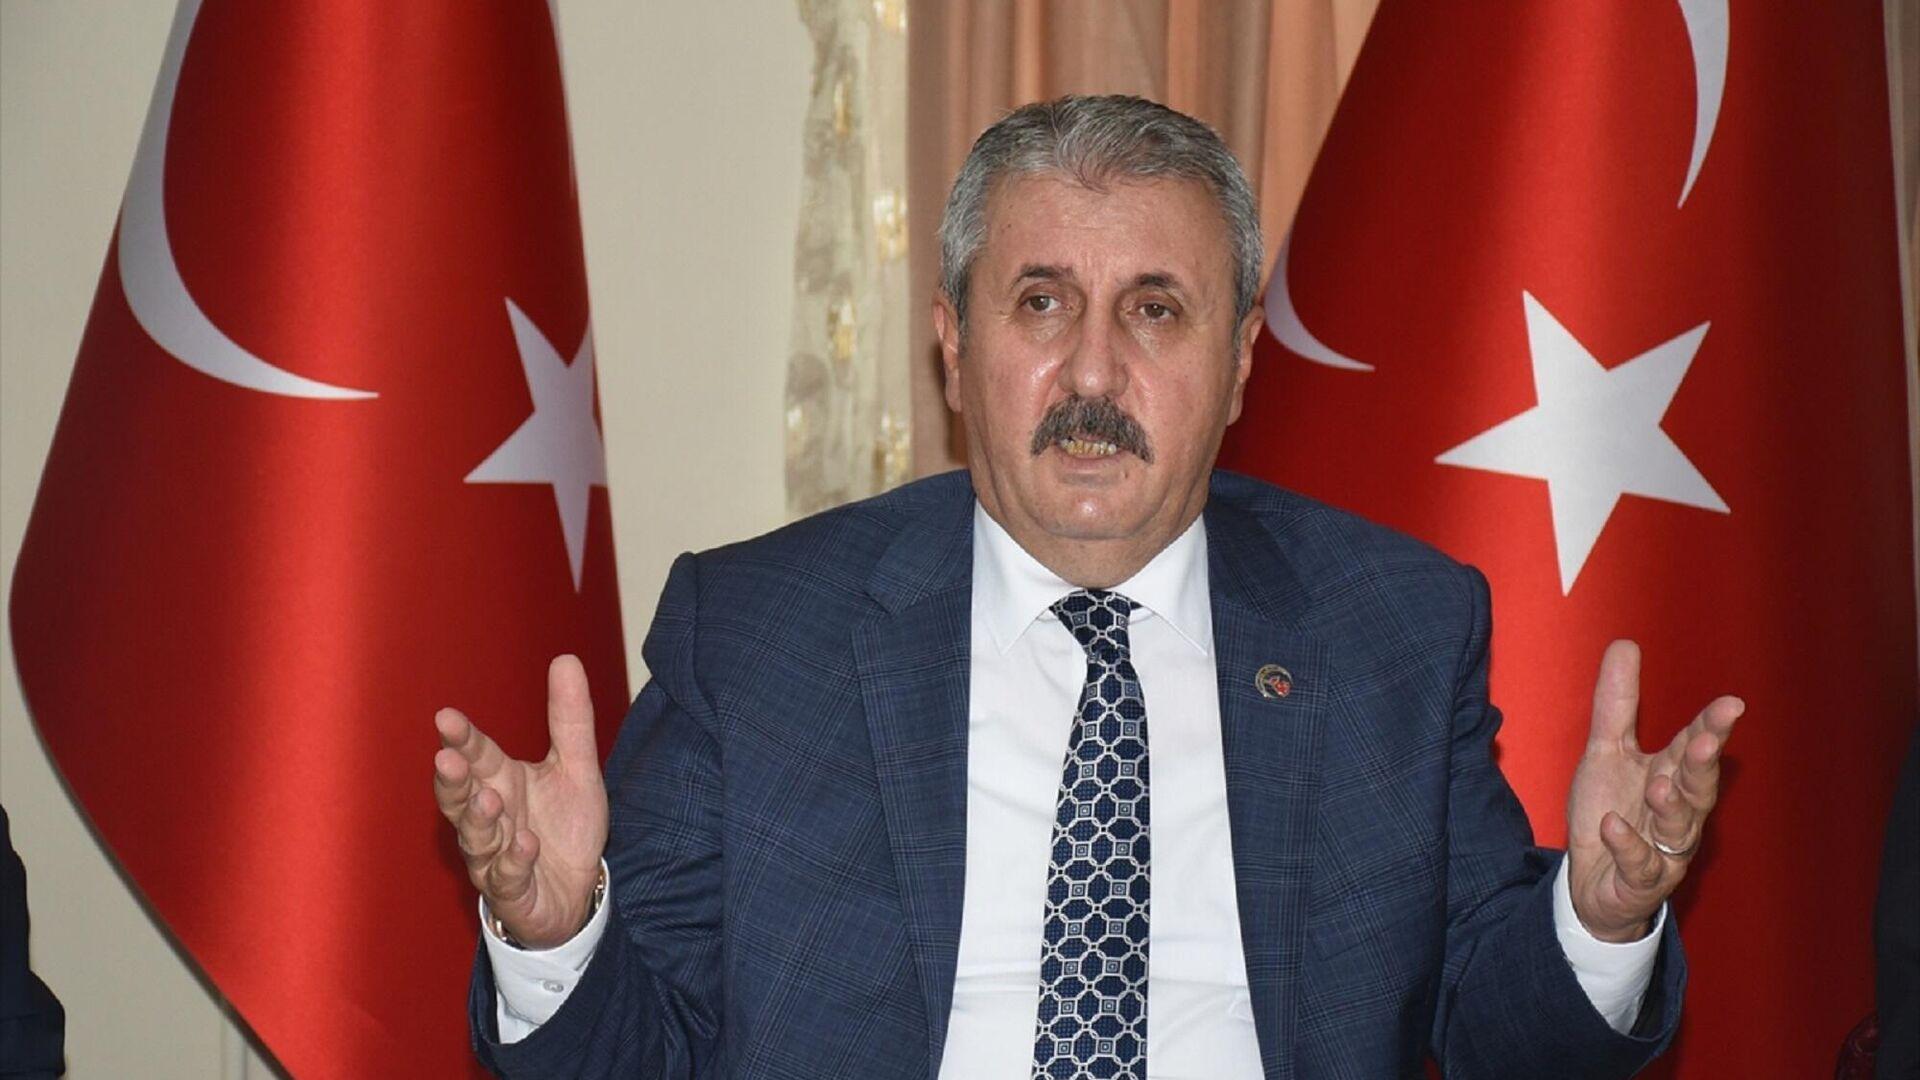 Büyük Birlik Partisi (BBP) Genel Başkanı Mustafa Destici, Kars'taki sivil toplum kuruluşu temsilcileriyle bir araya geldi.  - Sputnik Türkiye, 1920, 15.09.2021